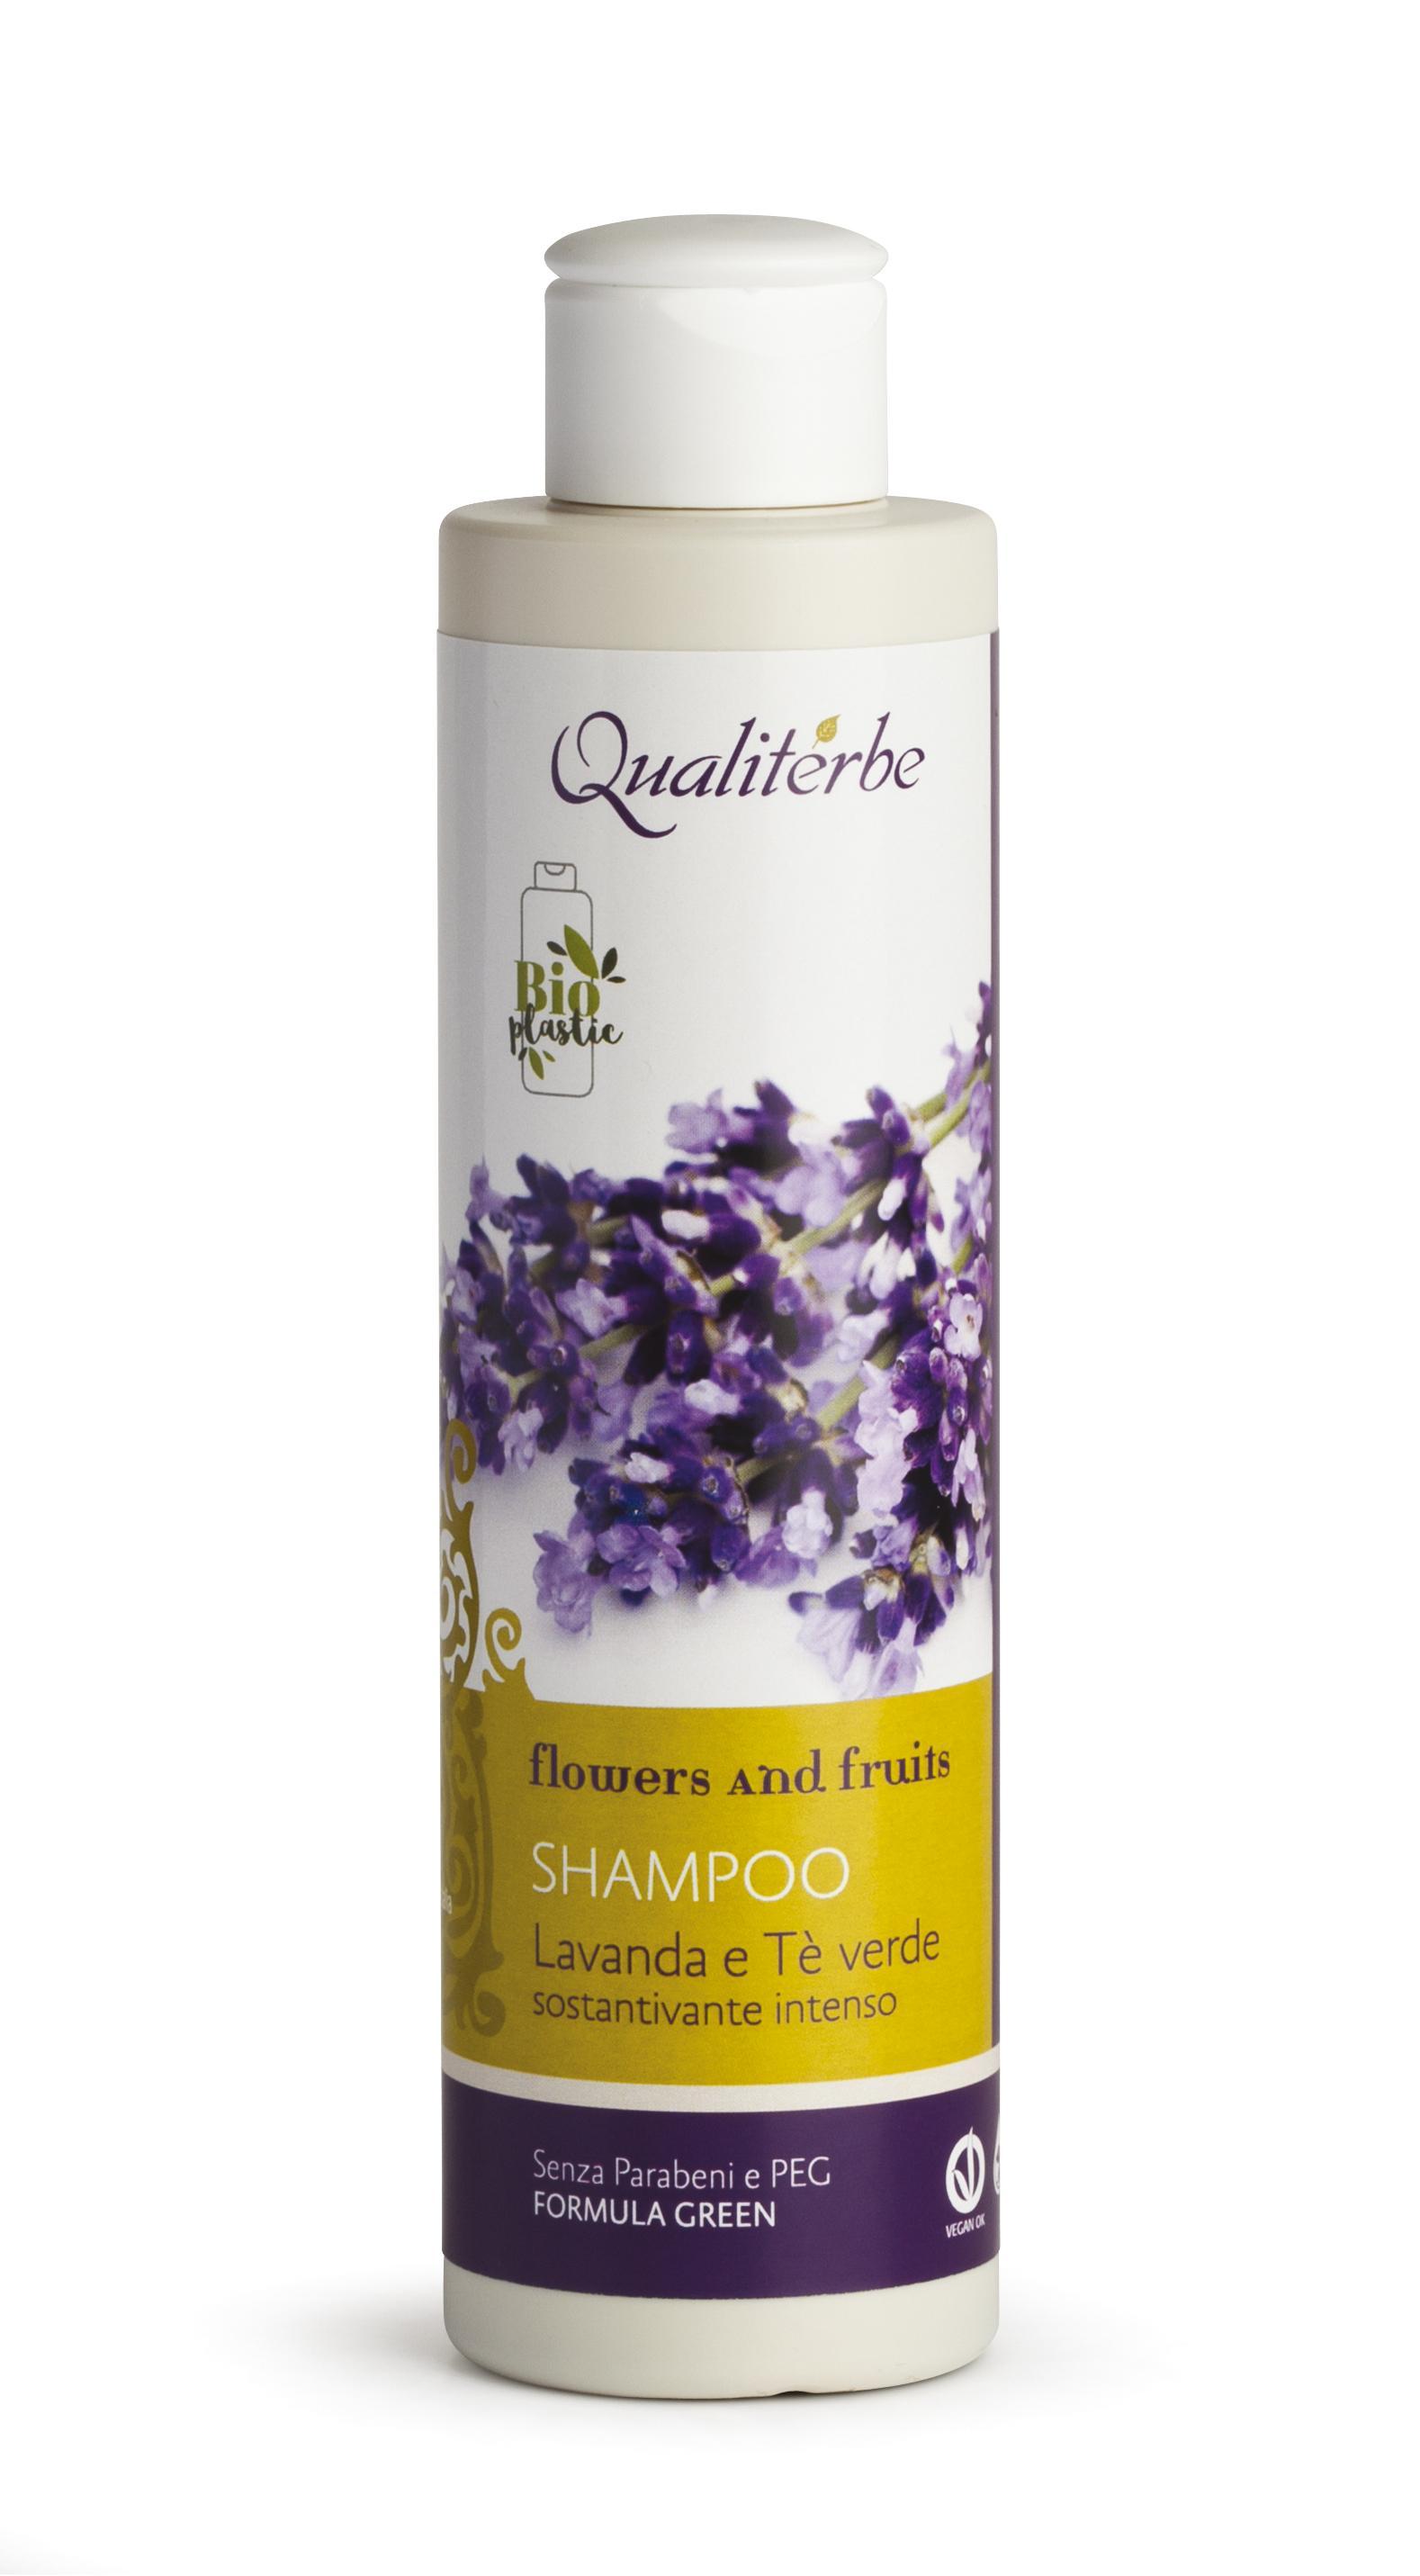 Shampoo sostantivante intenso 200 ml alla Lavanda e The Verde